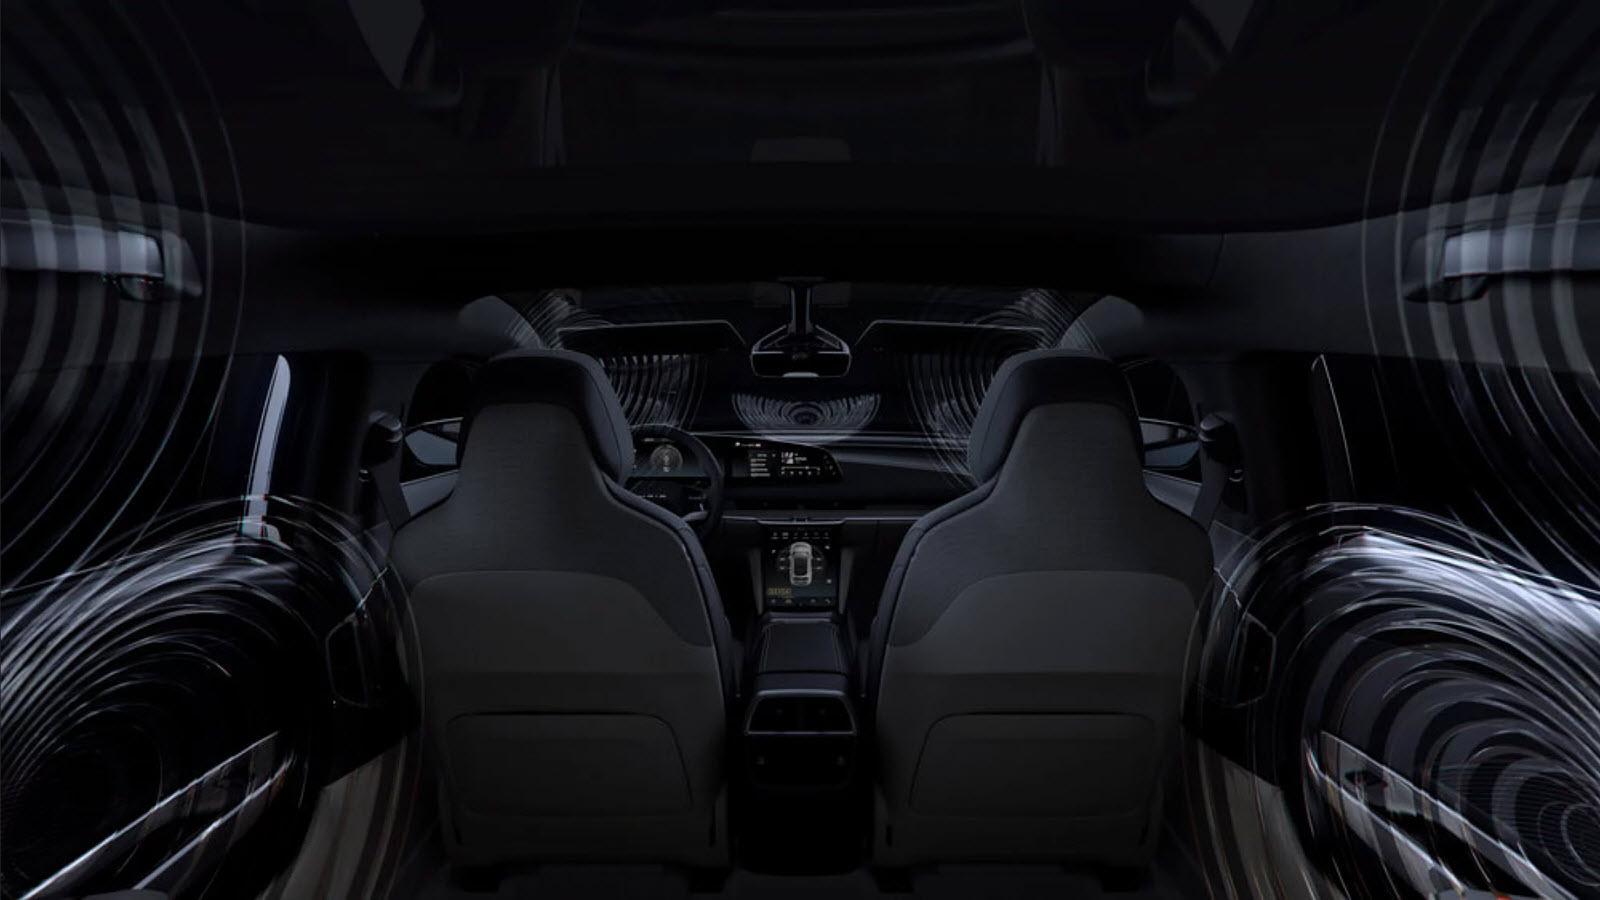 杜比Atmos沉浸式音频进入汽车领域:Lucid Air电动轿车率先采用(视频)